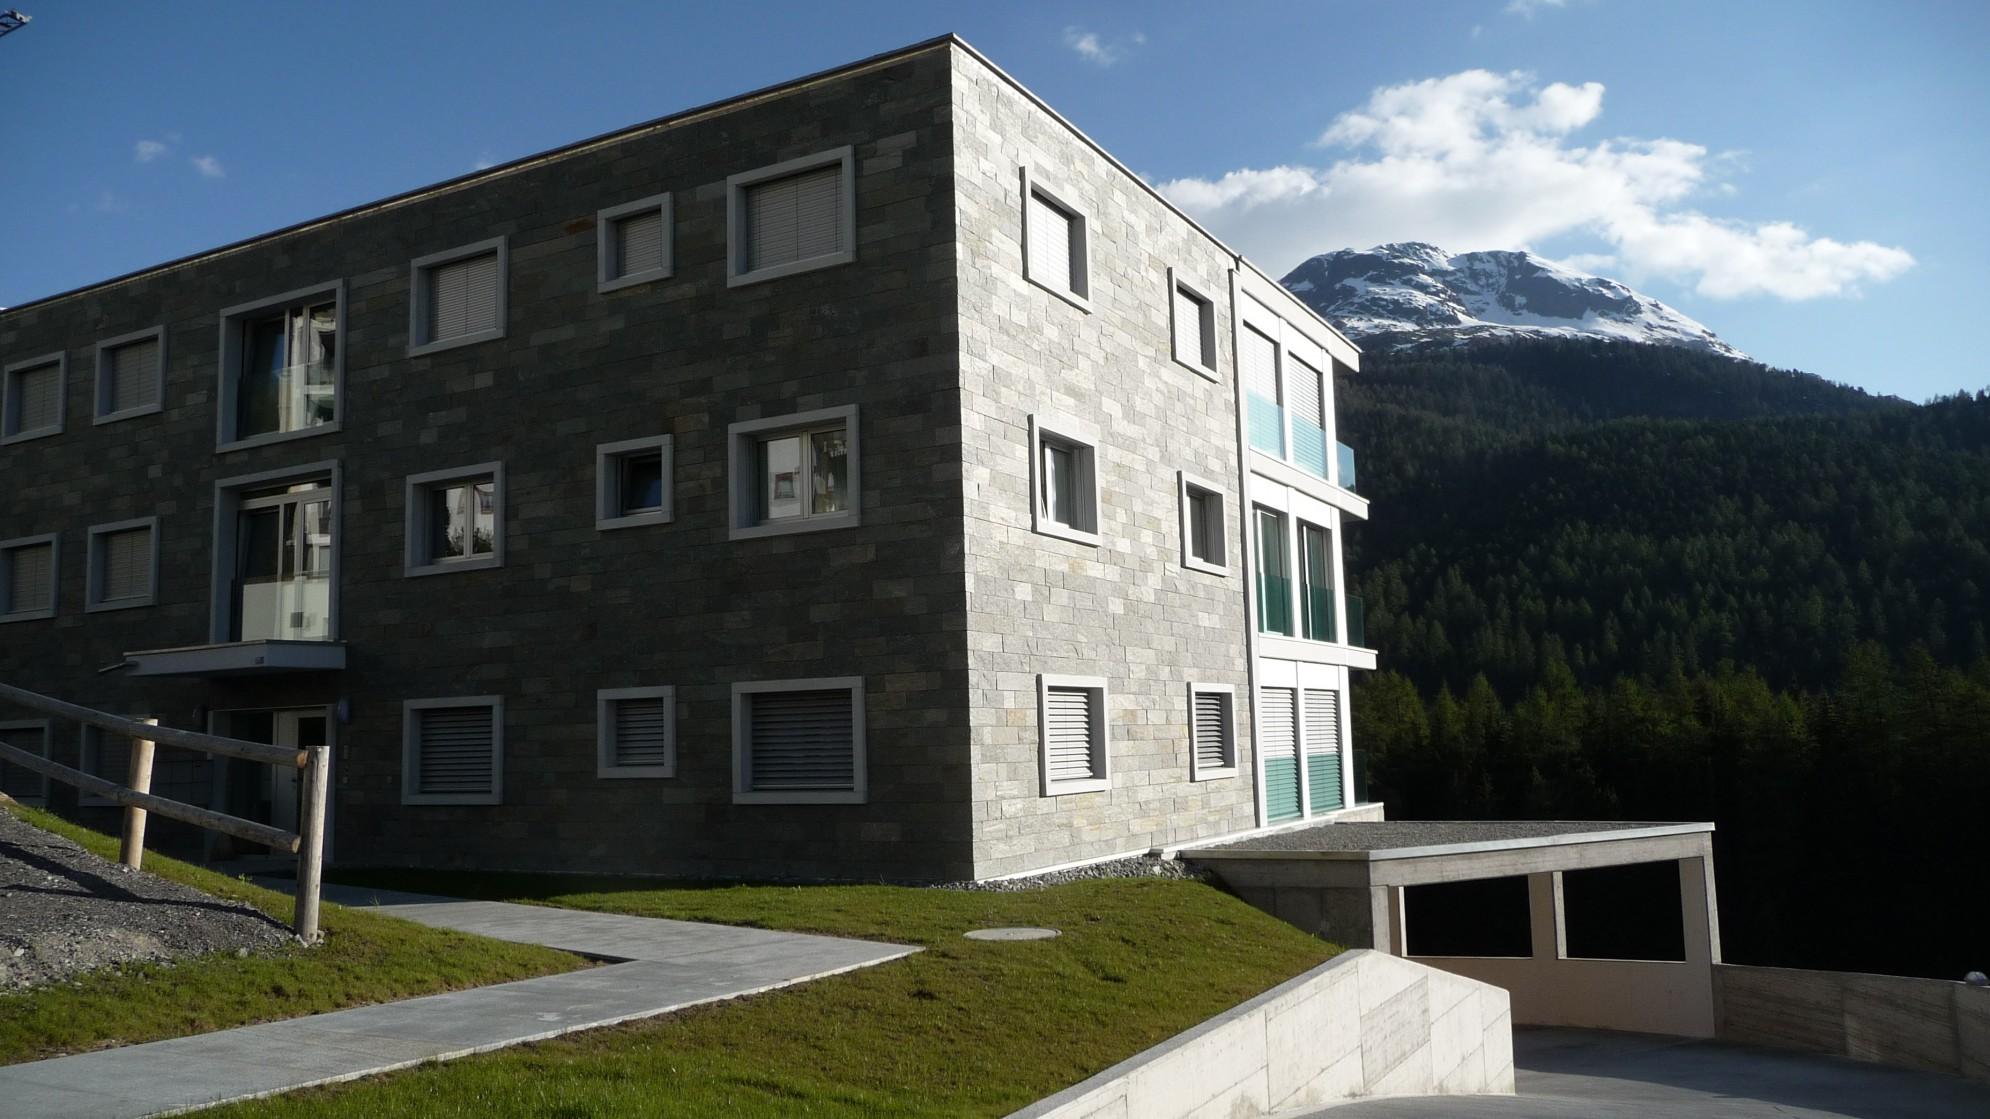 Lavorazione pietra e derivati su edificio in marmo della Valmalenco